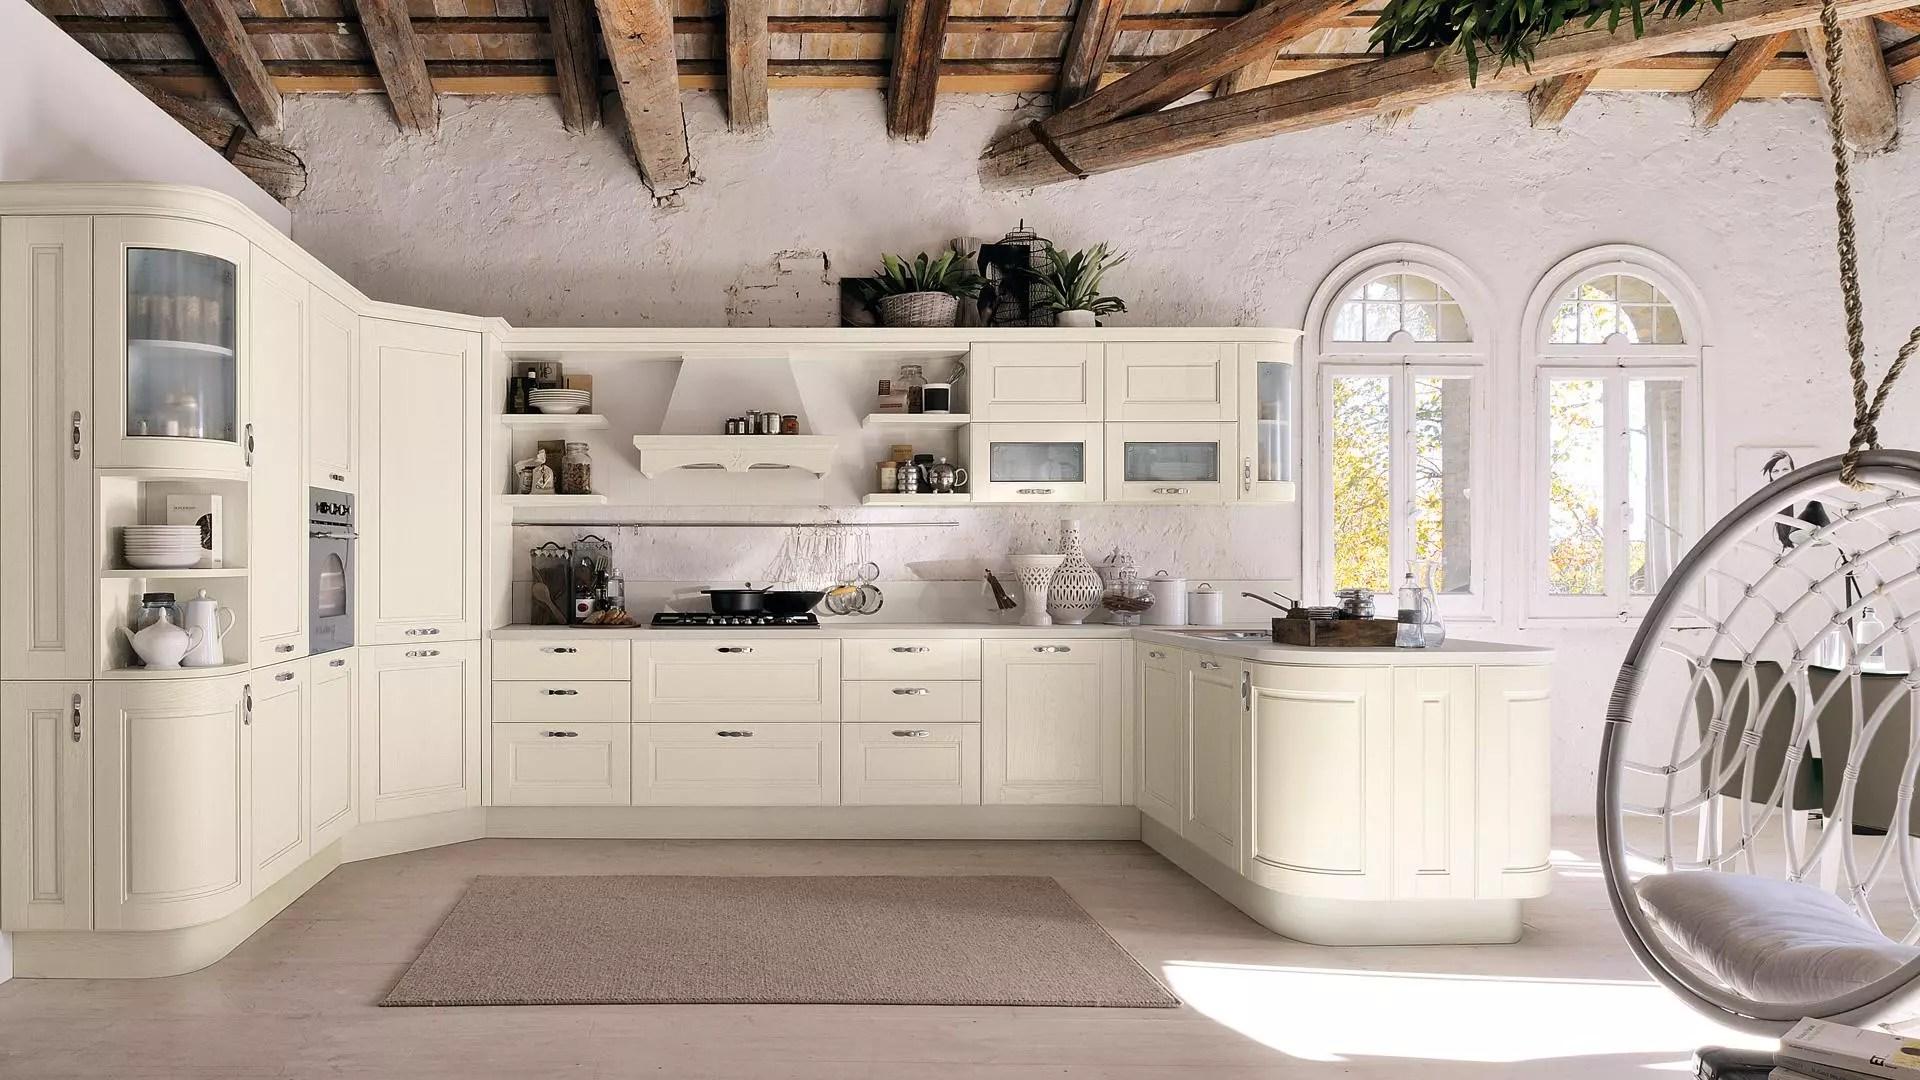 Cucine in stile provenzale le idee country chic per chi ama il classico  Lube Store Milano